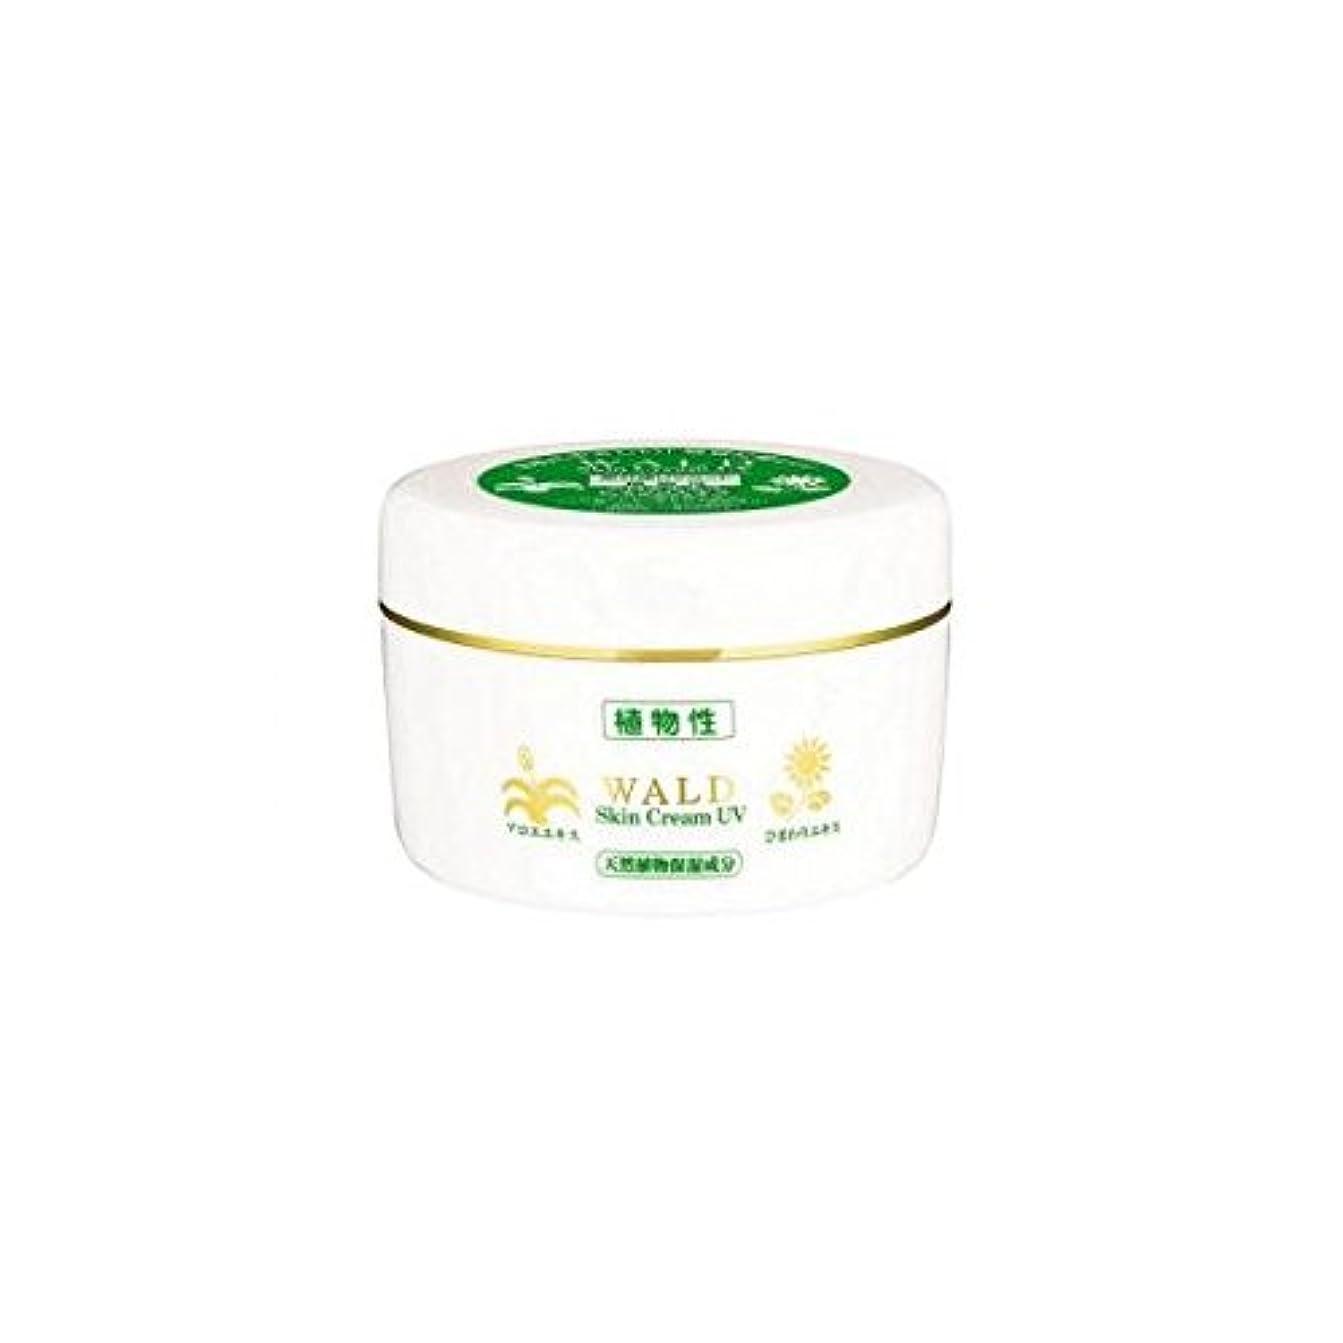 海外文句を言う管理する新 ヴァルトスキンクリーム UV (WALD Skin Cream UV) 220g (1)